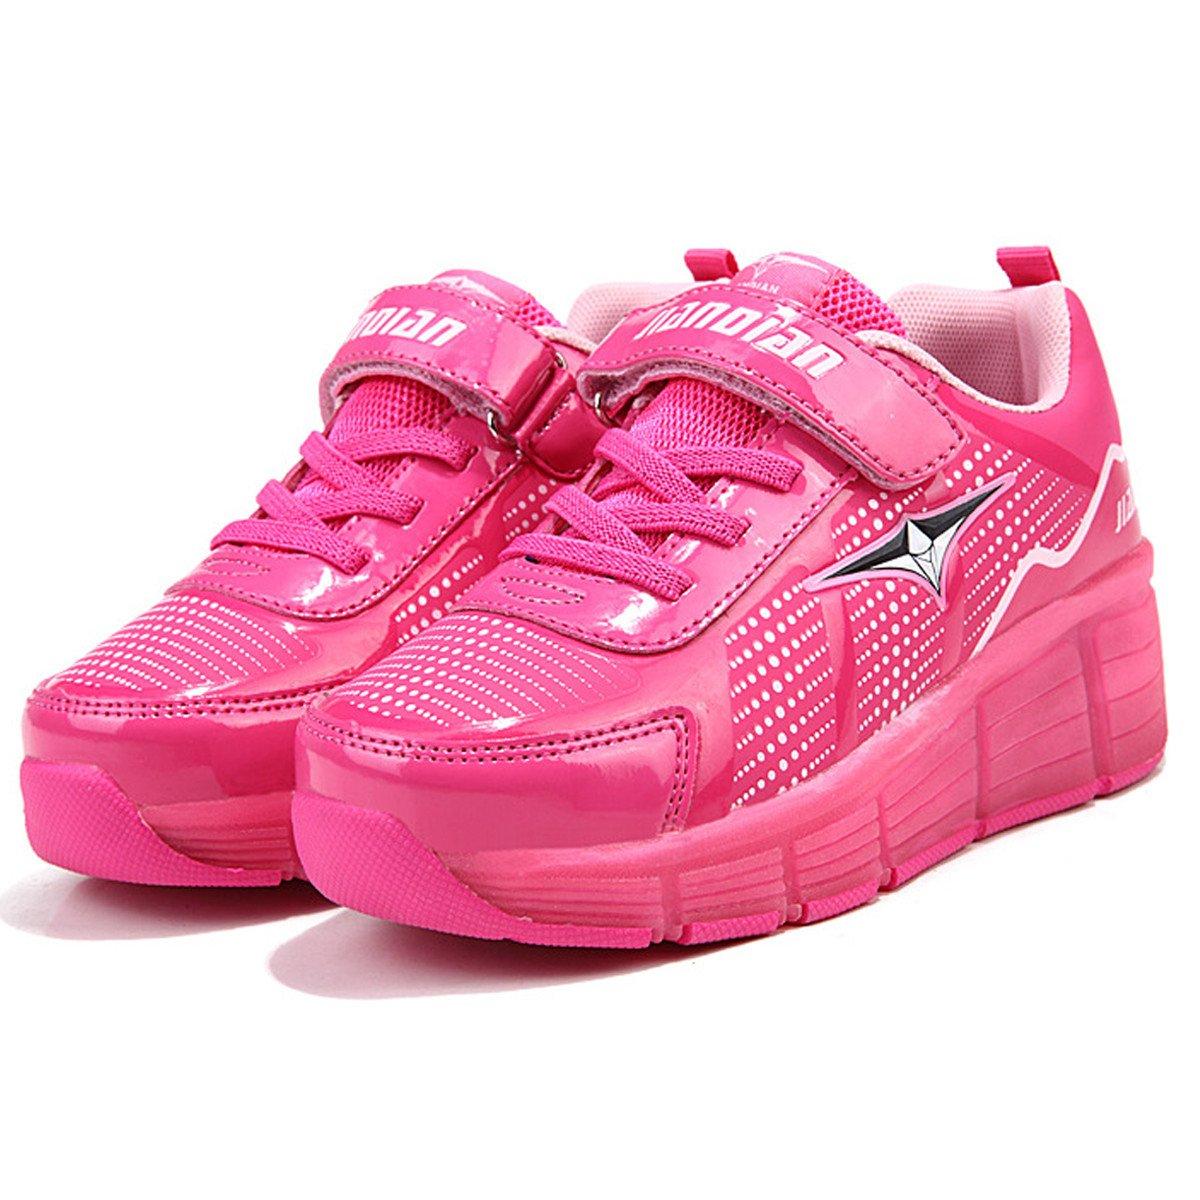 SGoodshoes Niños LED Zapatos con Ruedas Niña Zapatillas Deporte Patín Ruedas Zapatos con Luces para Mujer: Amazon.es: Zapatos y complementos